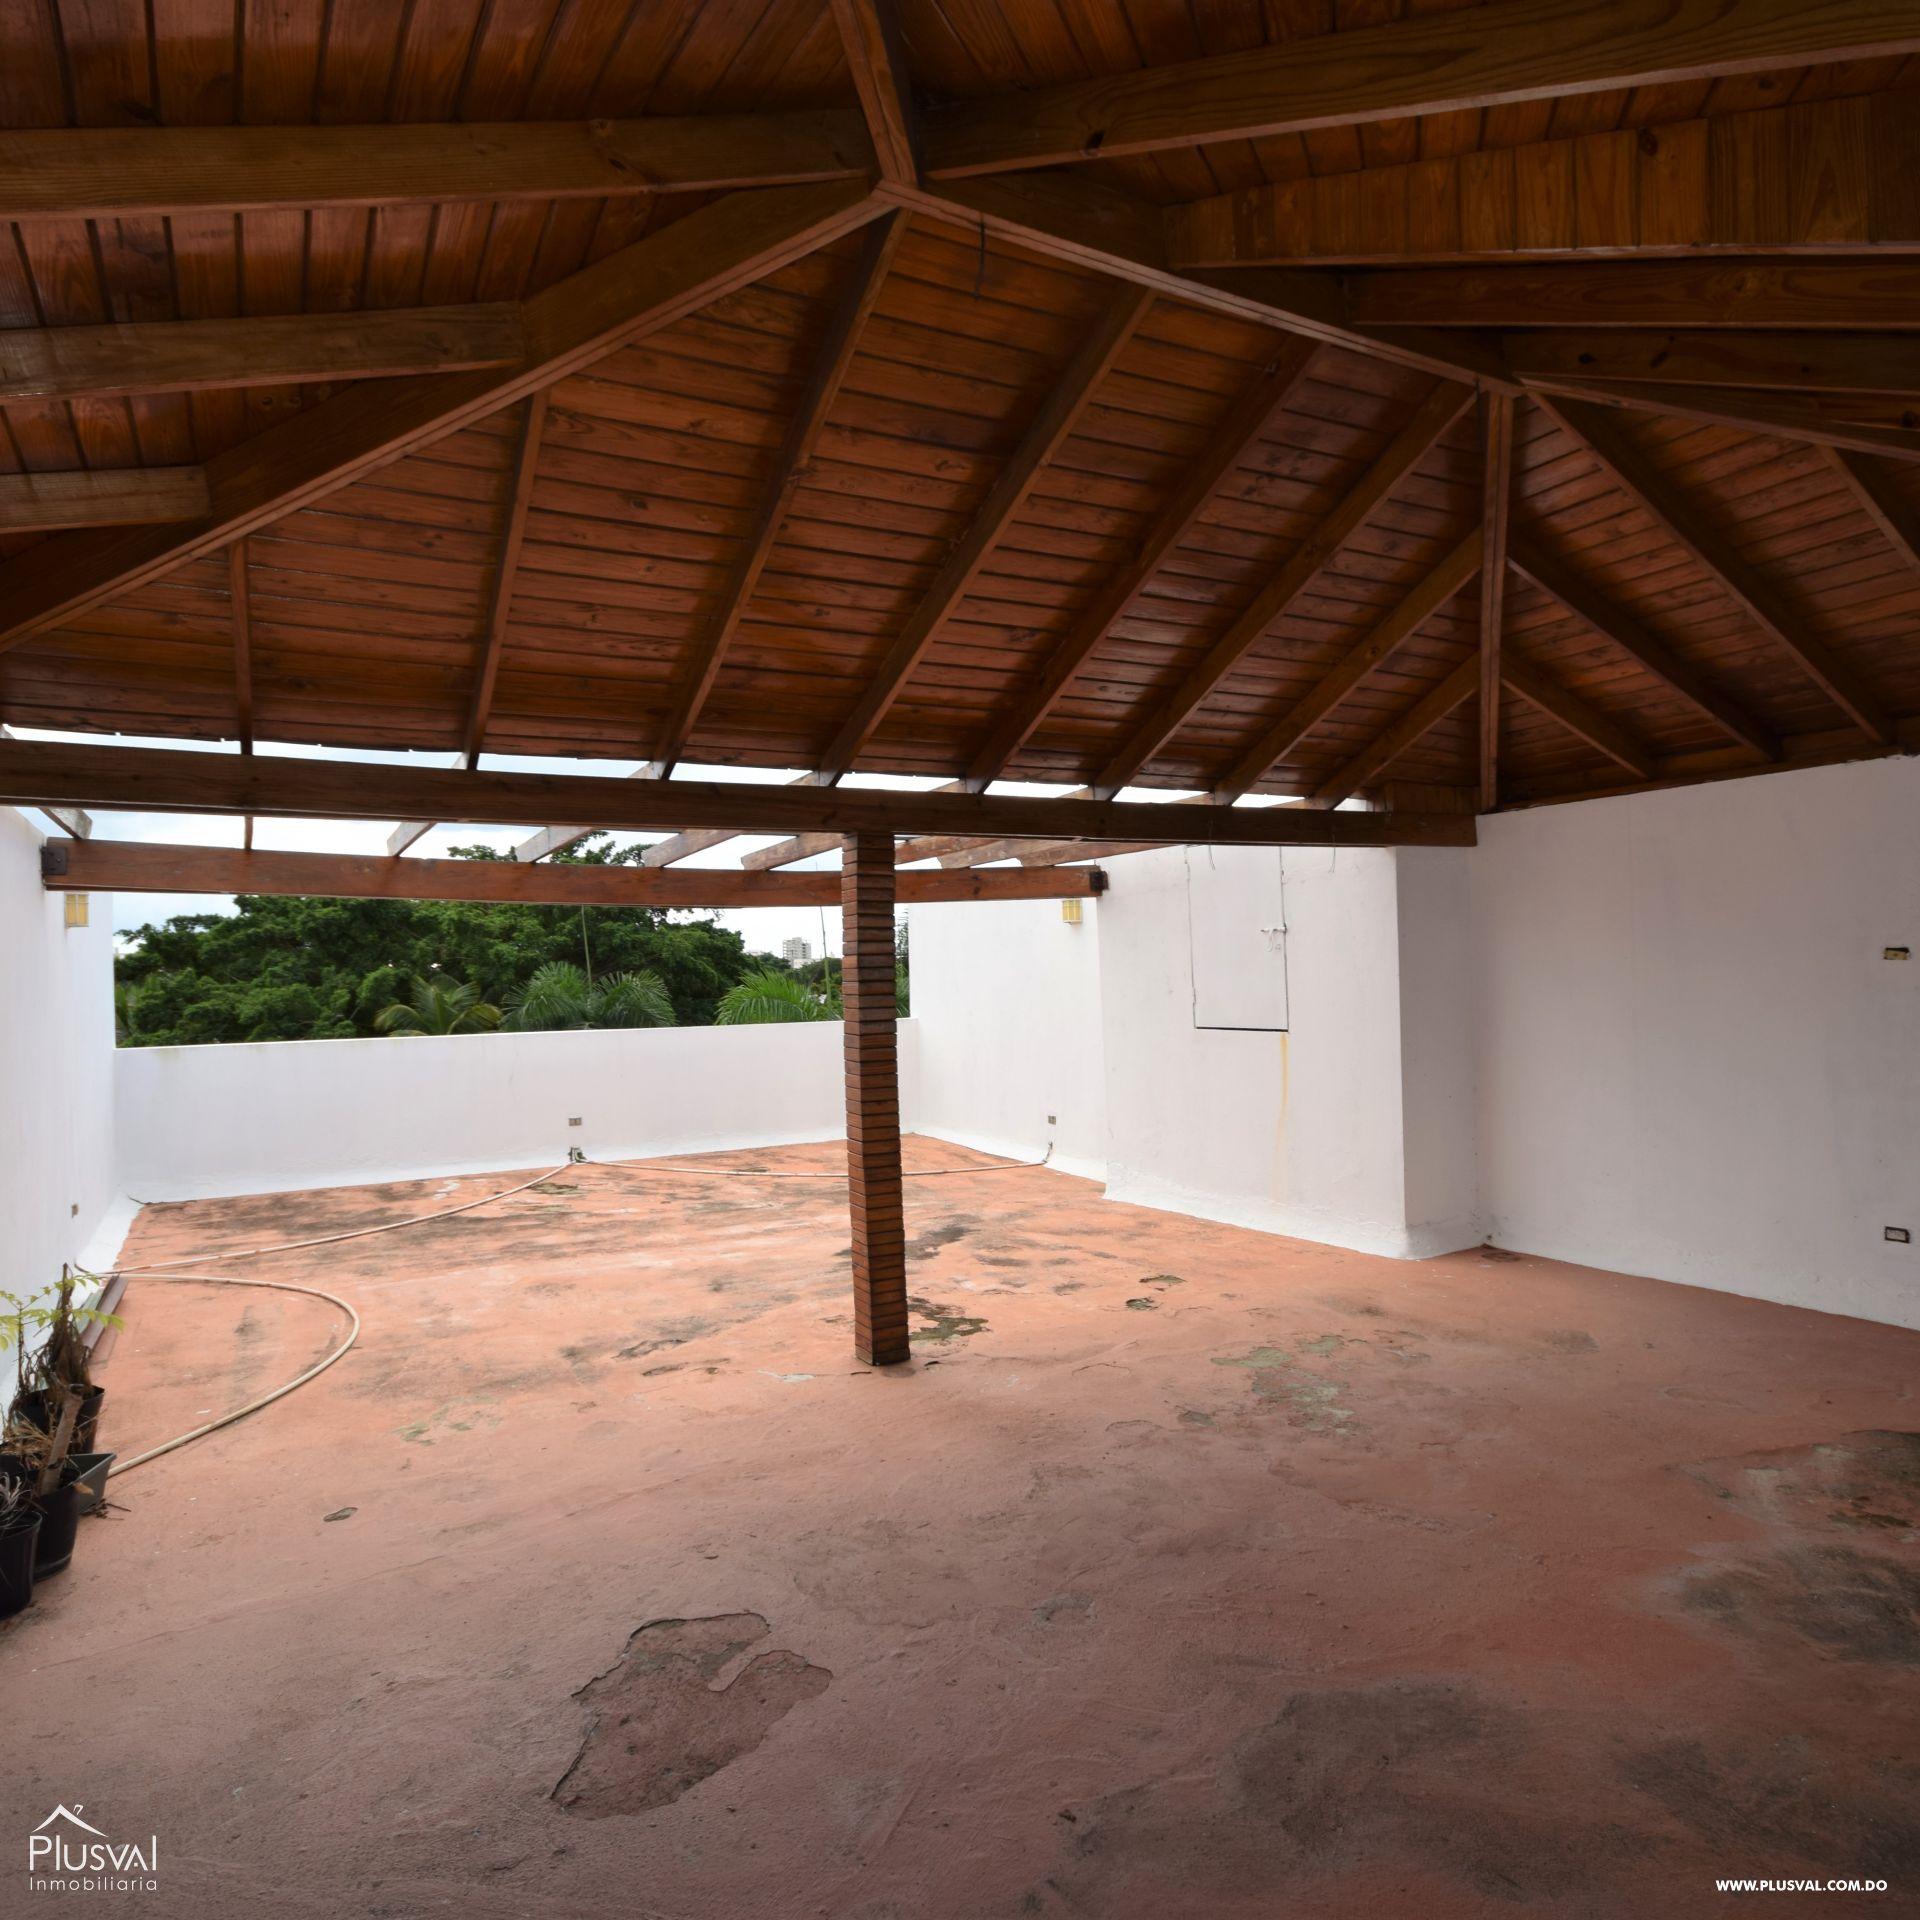 Apartamento en venta, Arroyo Hondo Viejo. 4to. Nivel